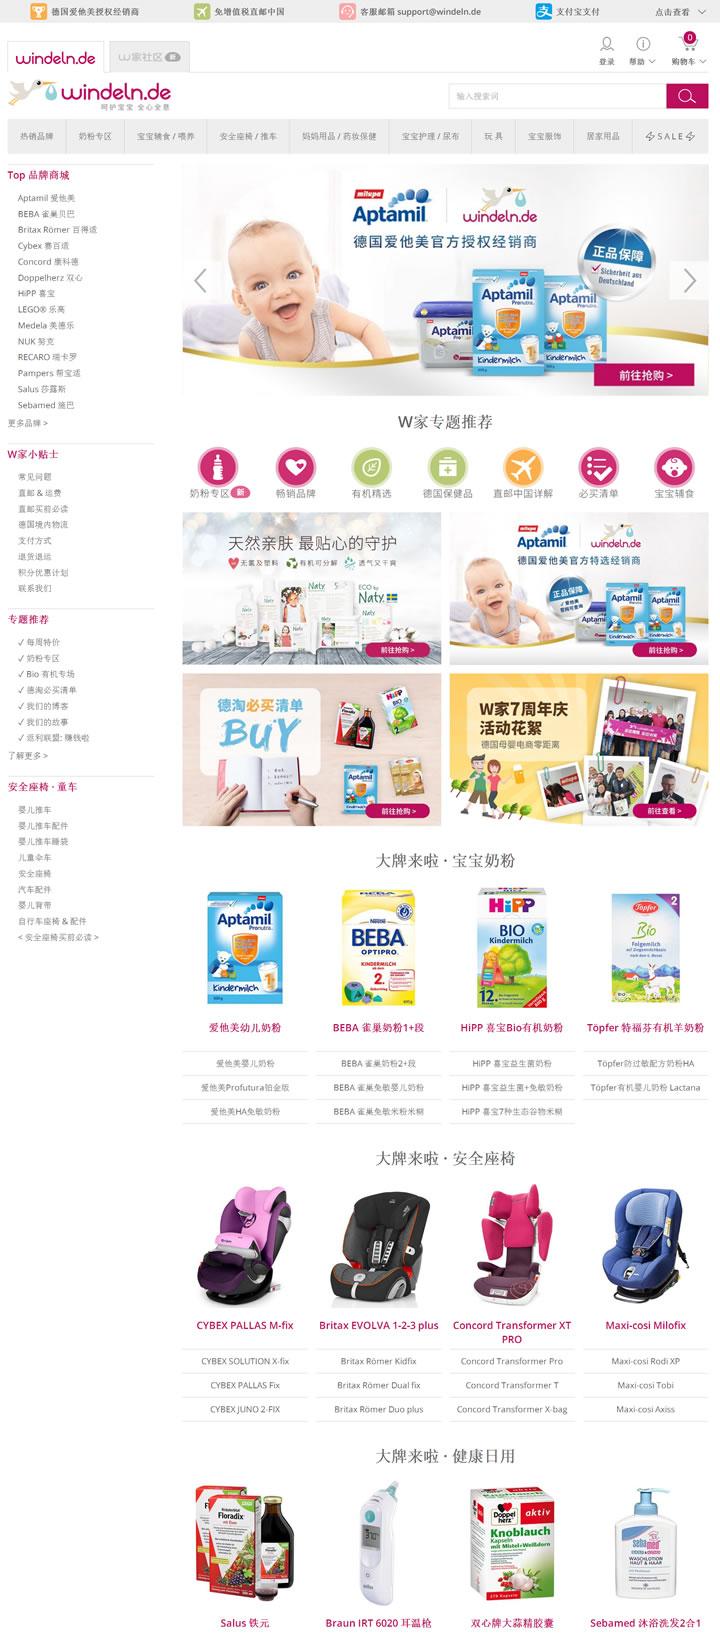 德国W家官方网站,可直接邮寄中国的母婴商城:Windeln.de